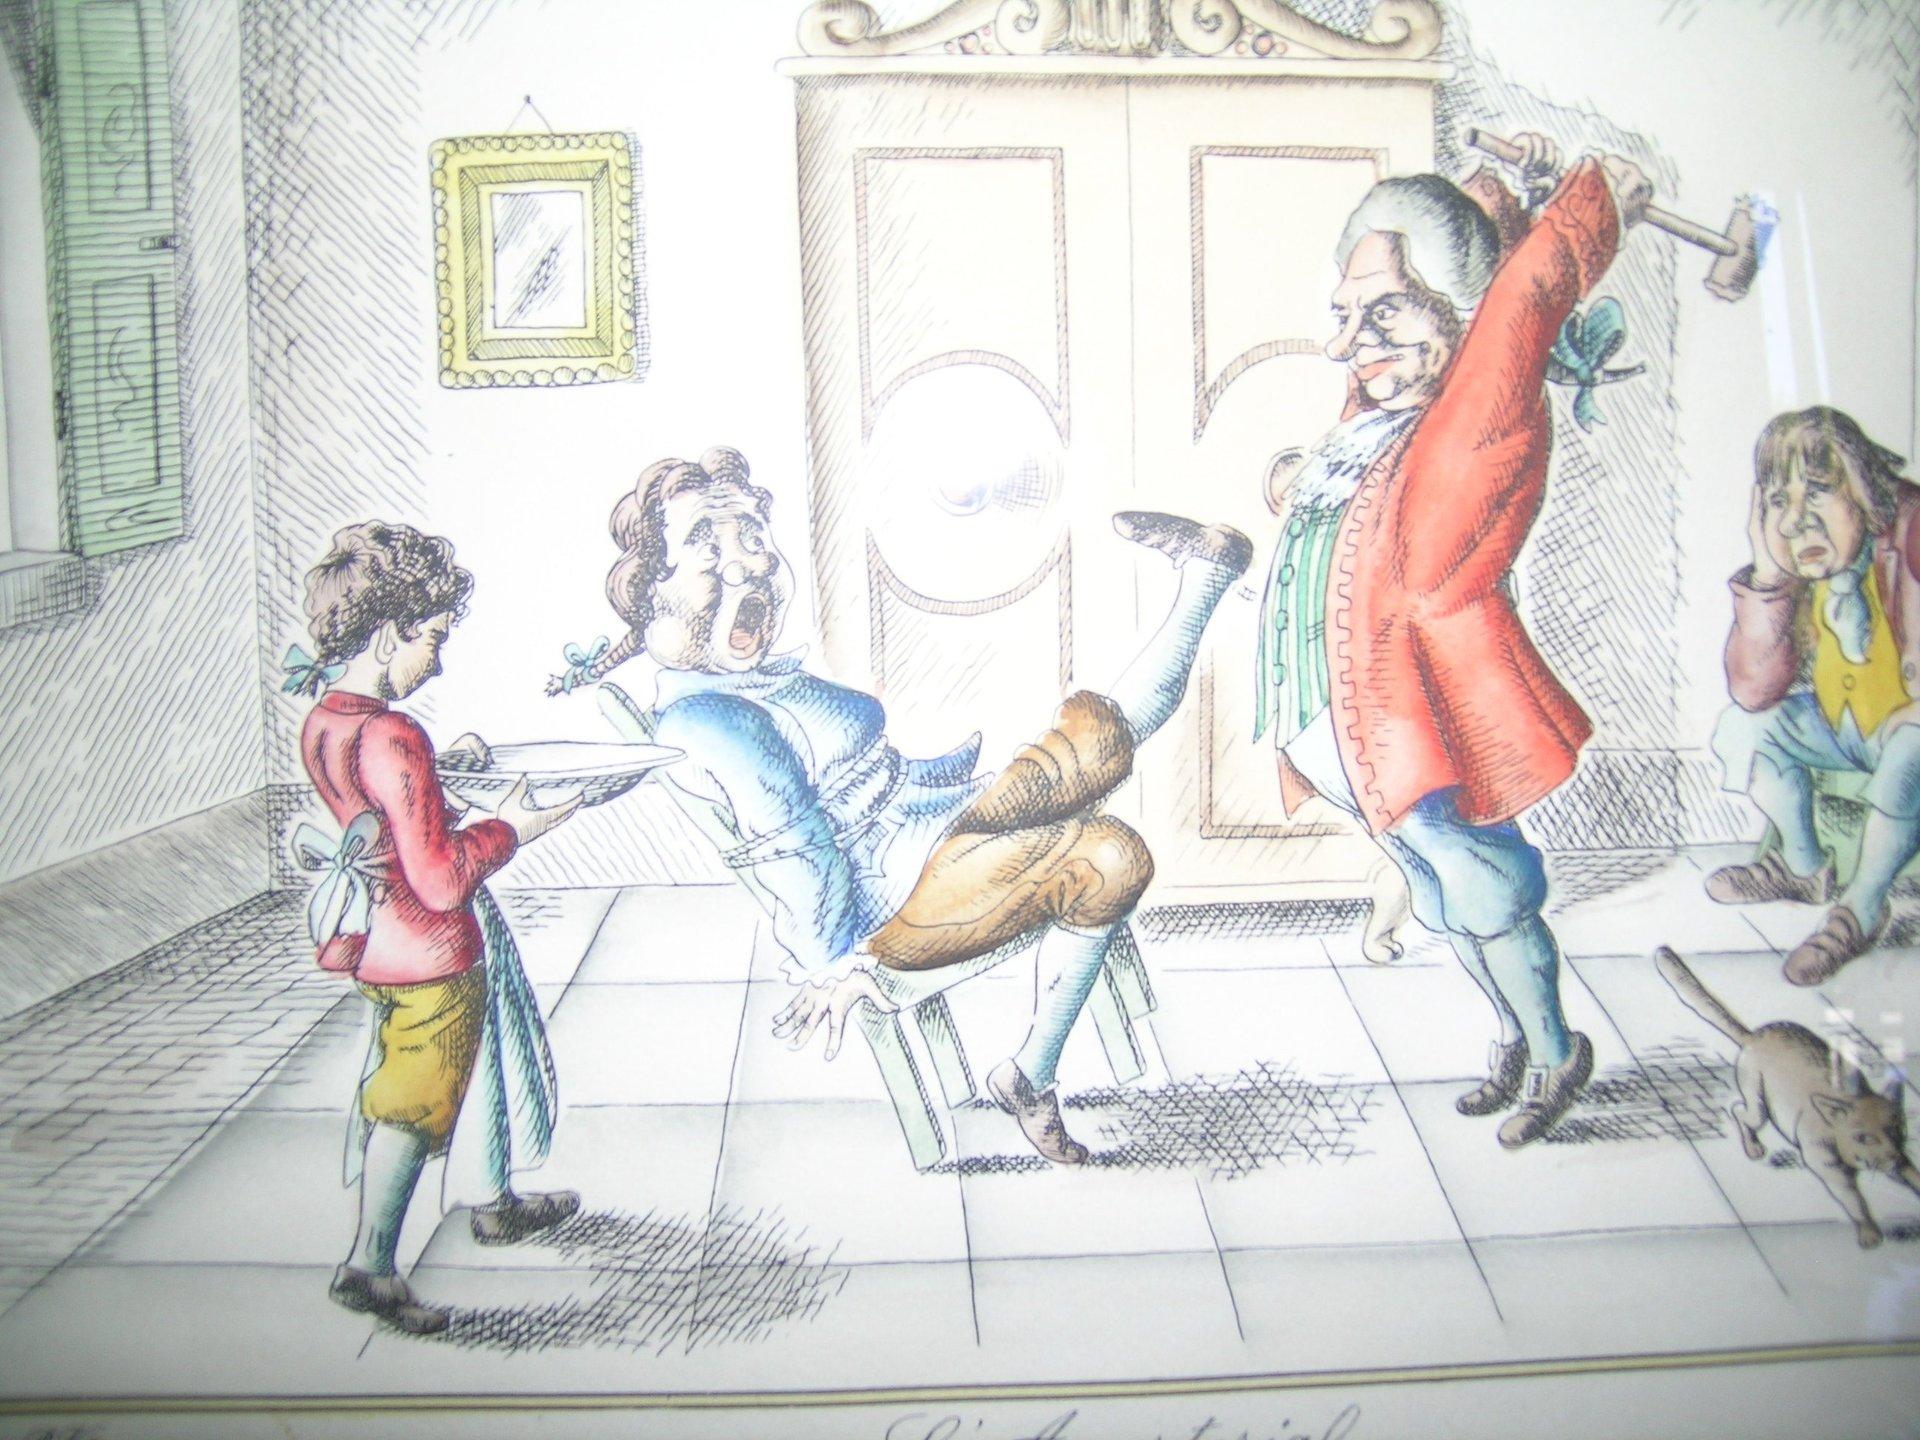 disegno parodia di una visita dal medico